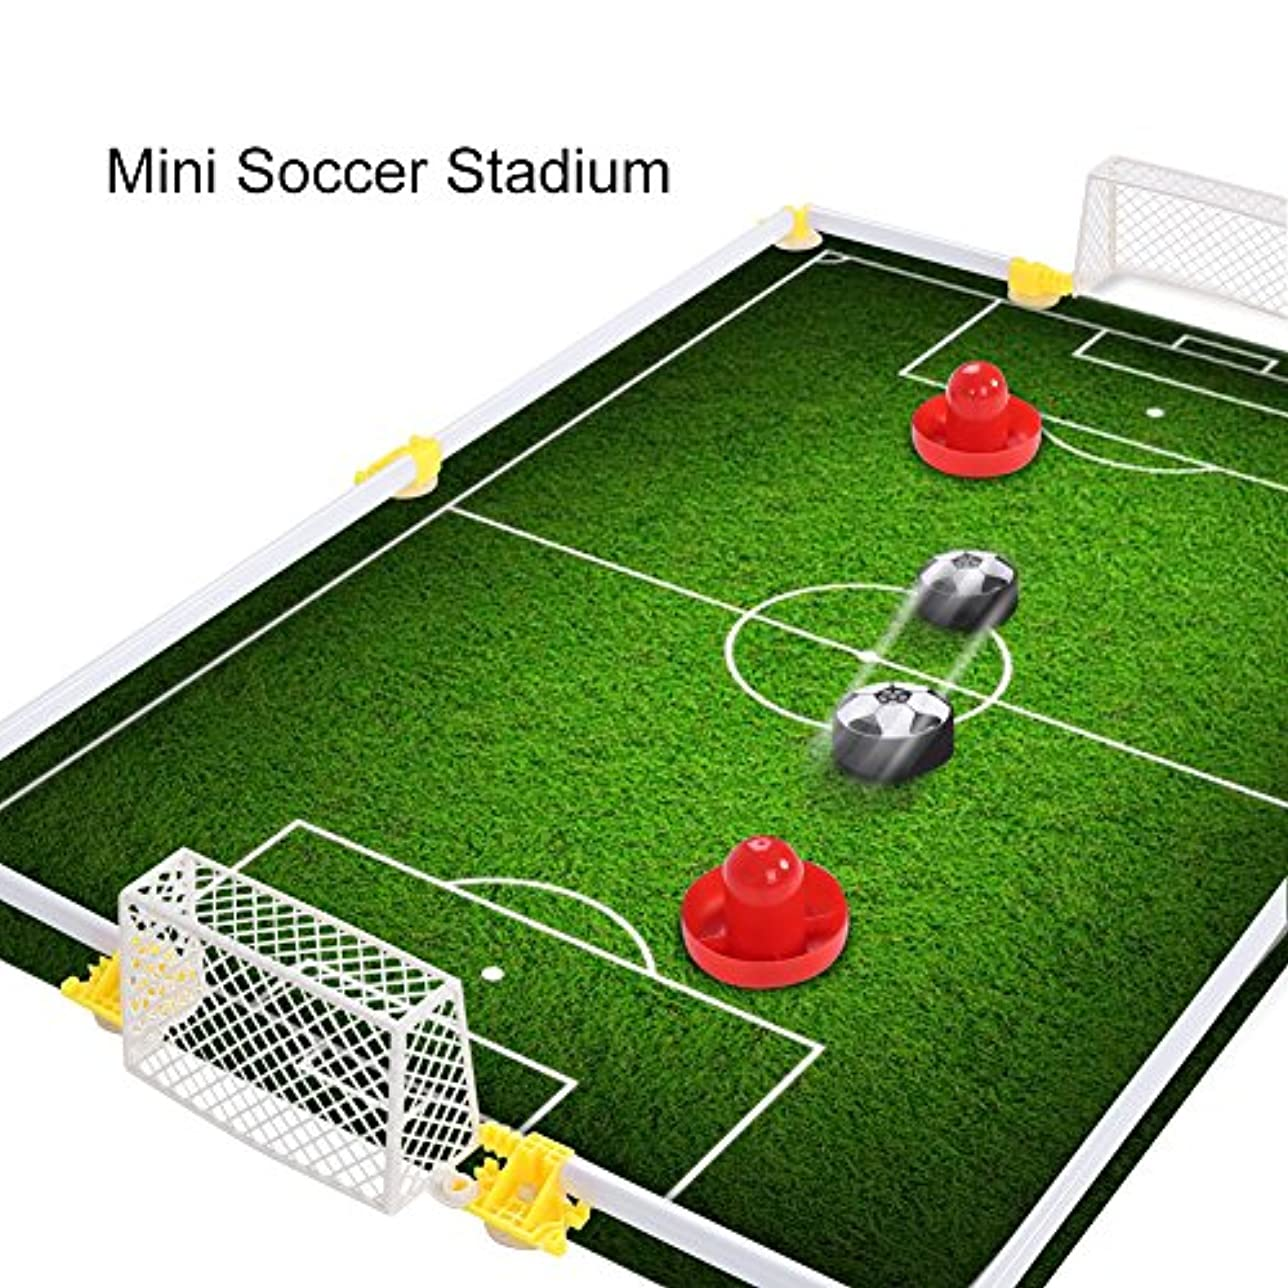 公式本会議一見室内用 エアサッカーフルセット サッカーゲーム玩具セット サッカーゴール 親子ゲーム 対戦 子供おもちゃ プレゼント